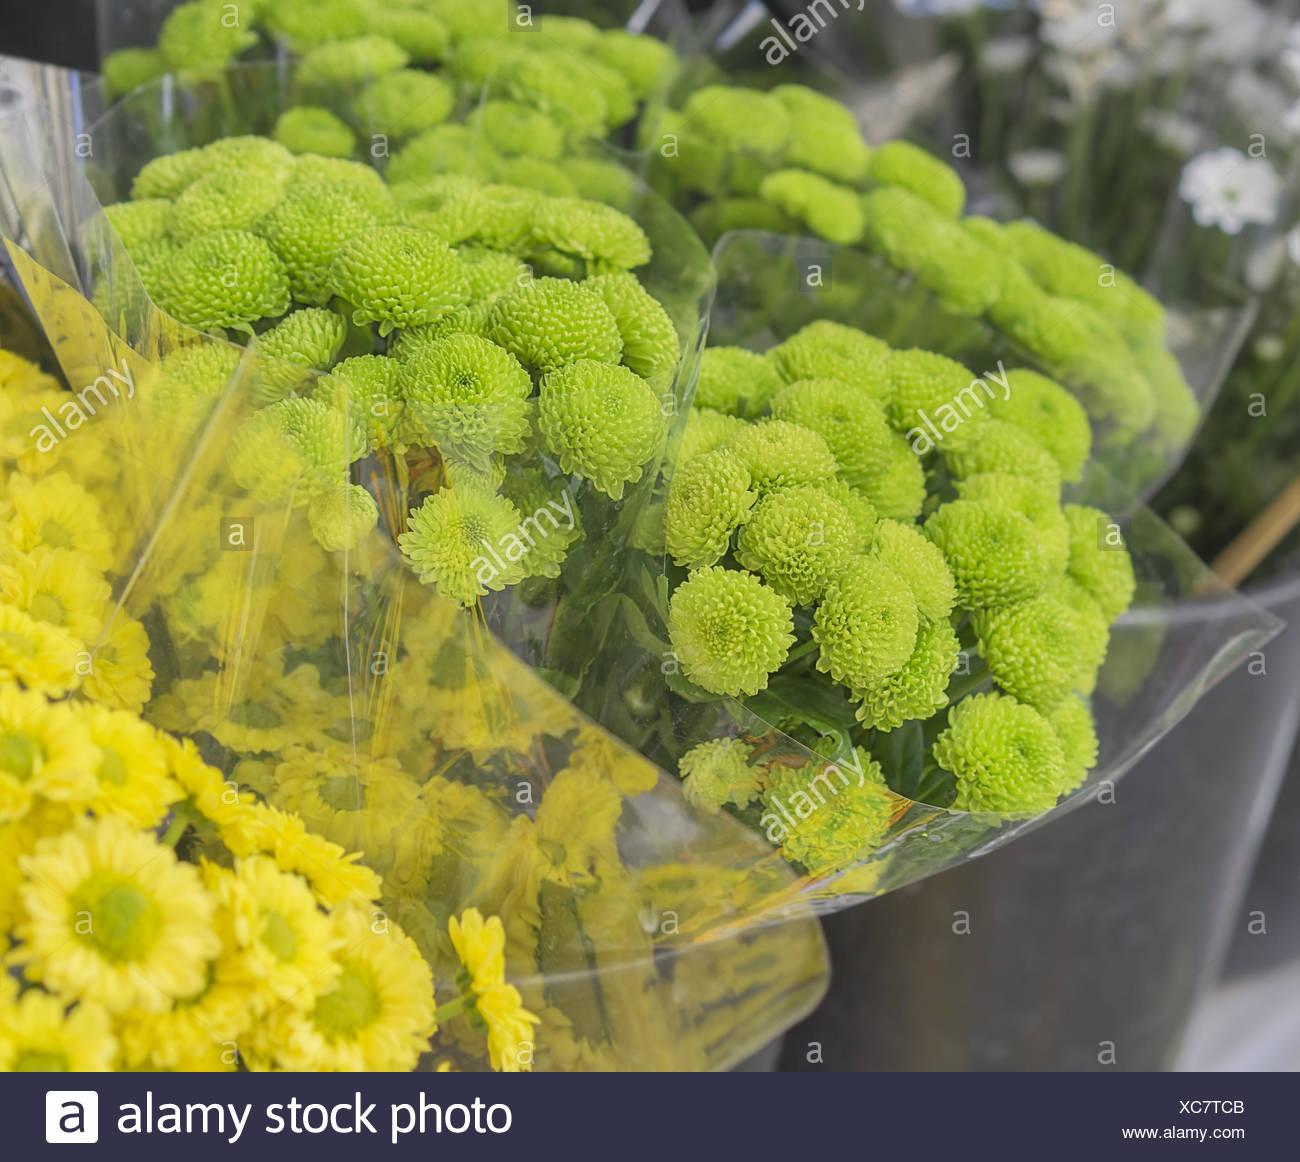 Fiori Giallo Verdognoli A Grappolo.I Grappoli Di Fiori Verdi Crisantemi Presso Il Mercato Dei Fiori